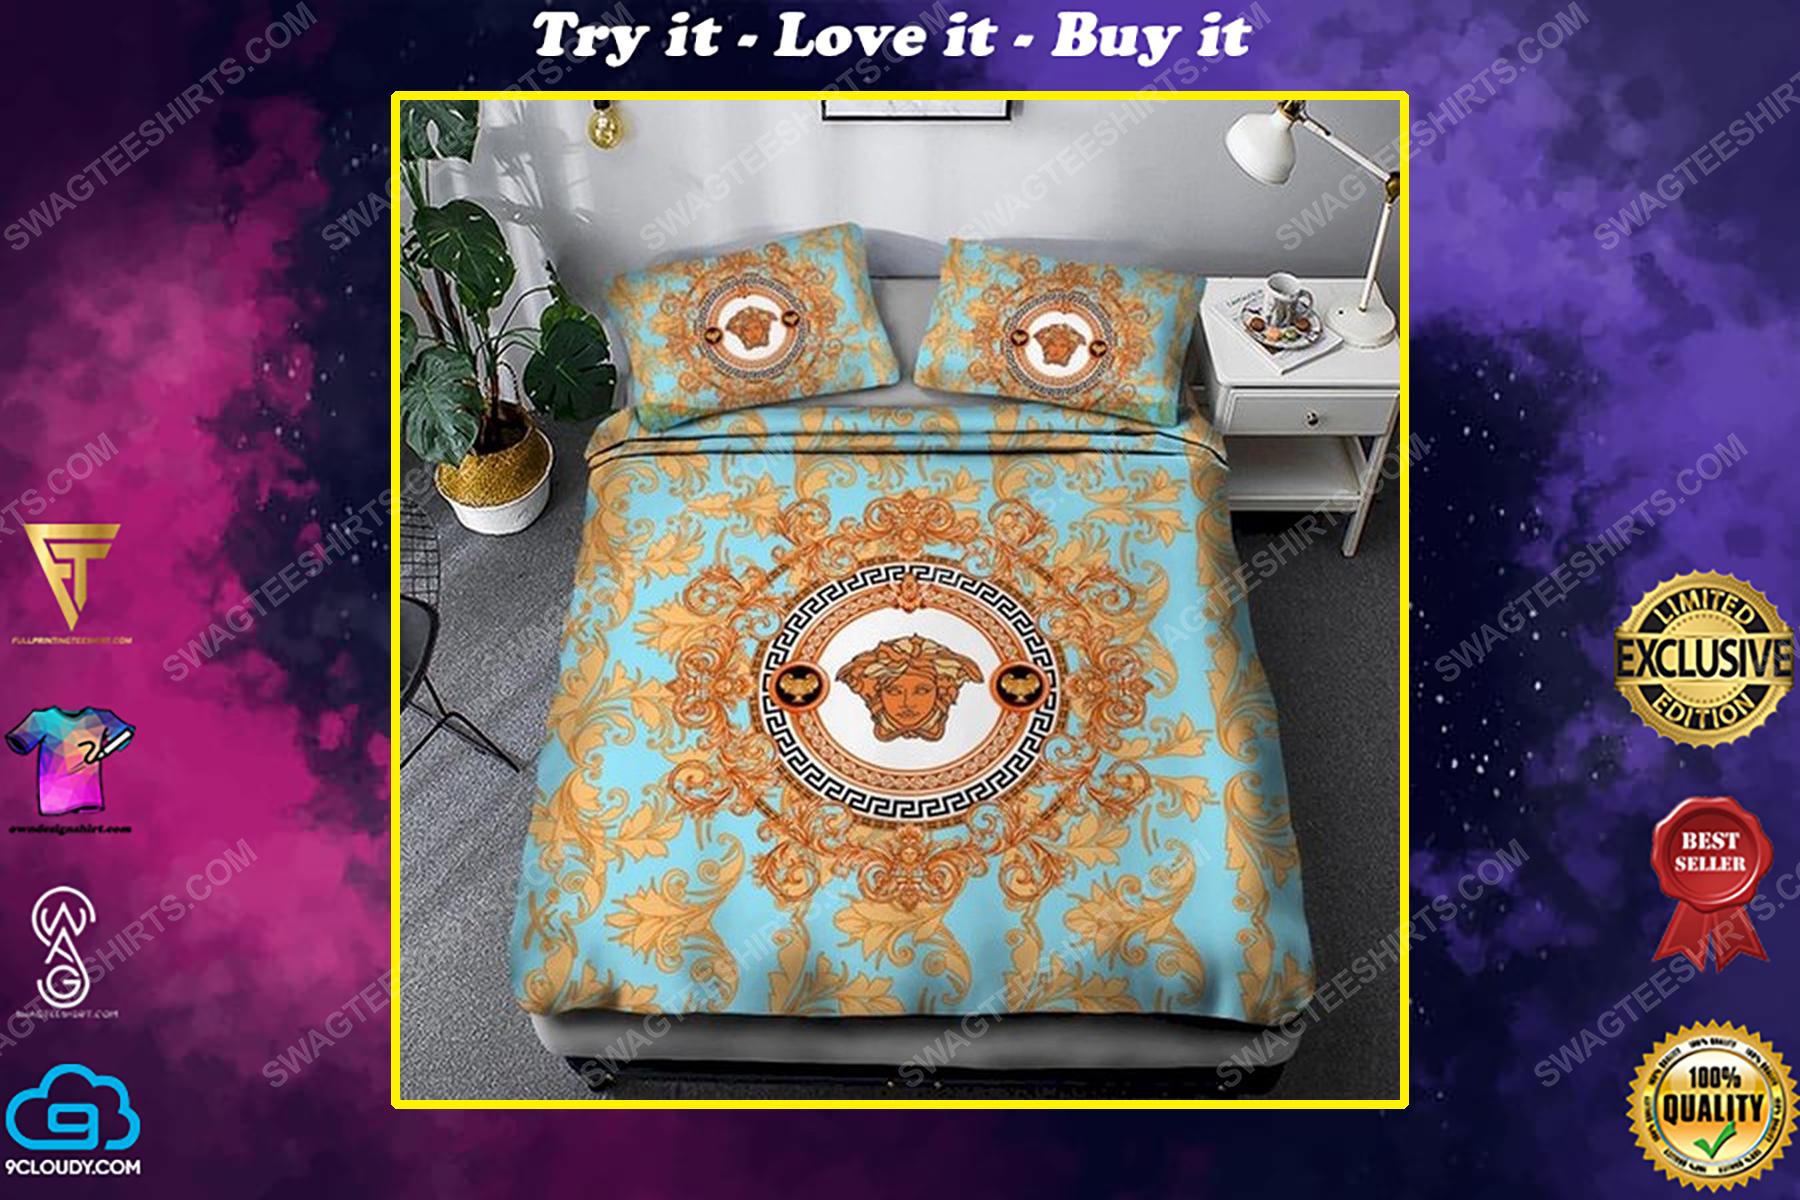 Versace clasic full print duvet cover bedding set